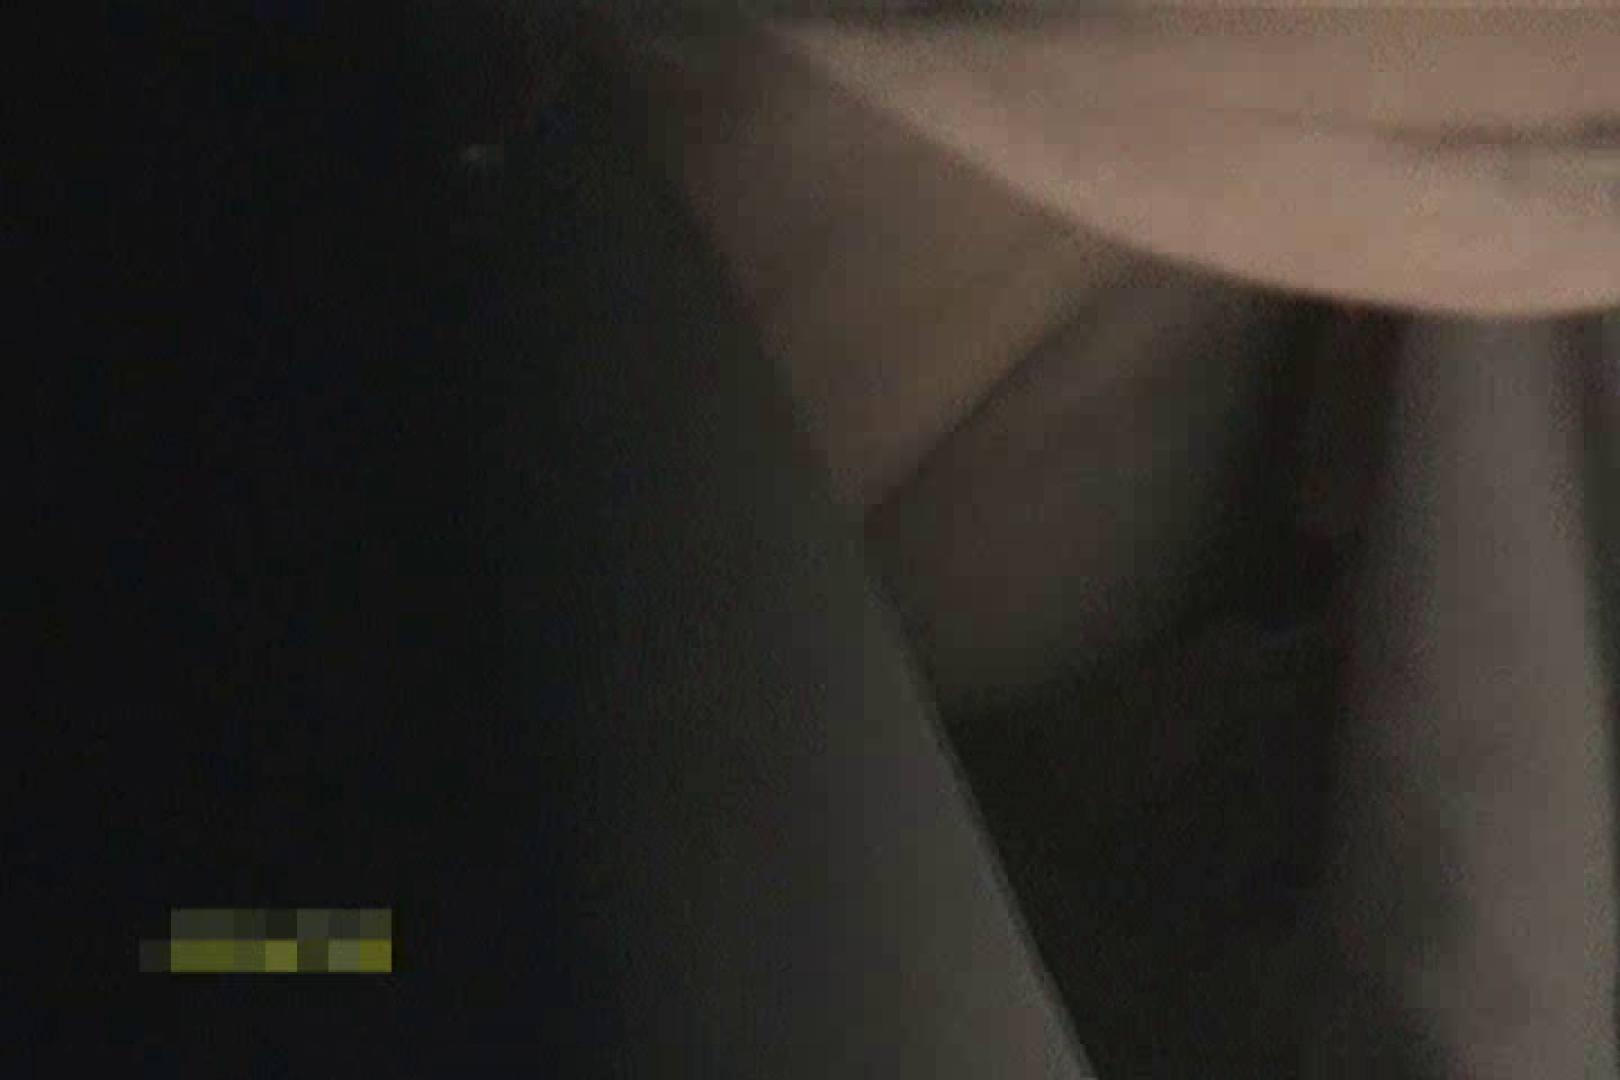 徘徊撮り!!街で出会った乳首たちVol.1 乳首 オマンコ無修正動画無料 59画像 39